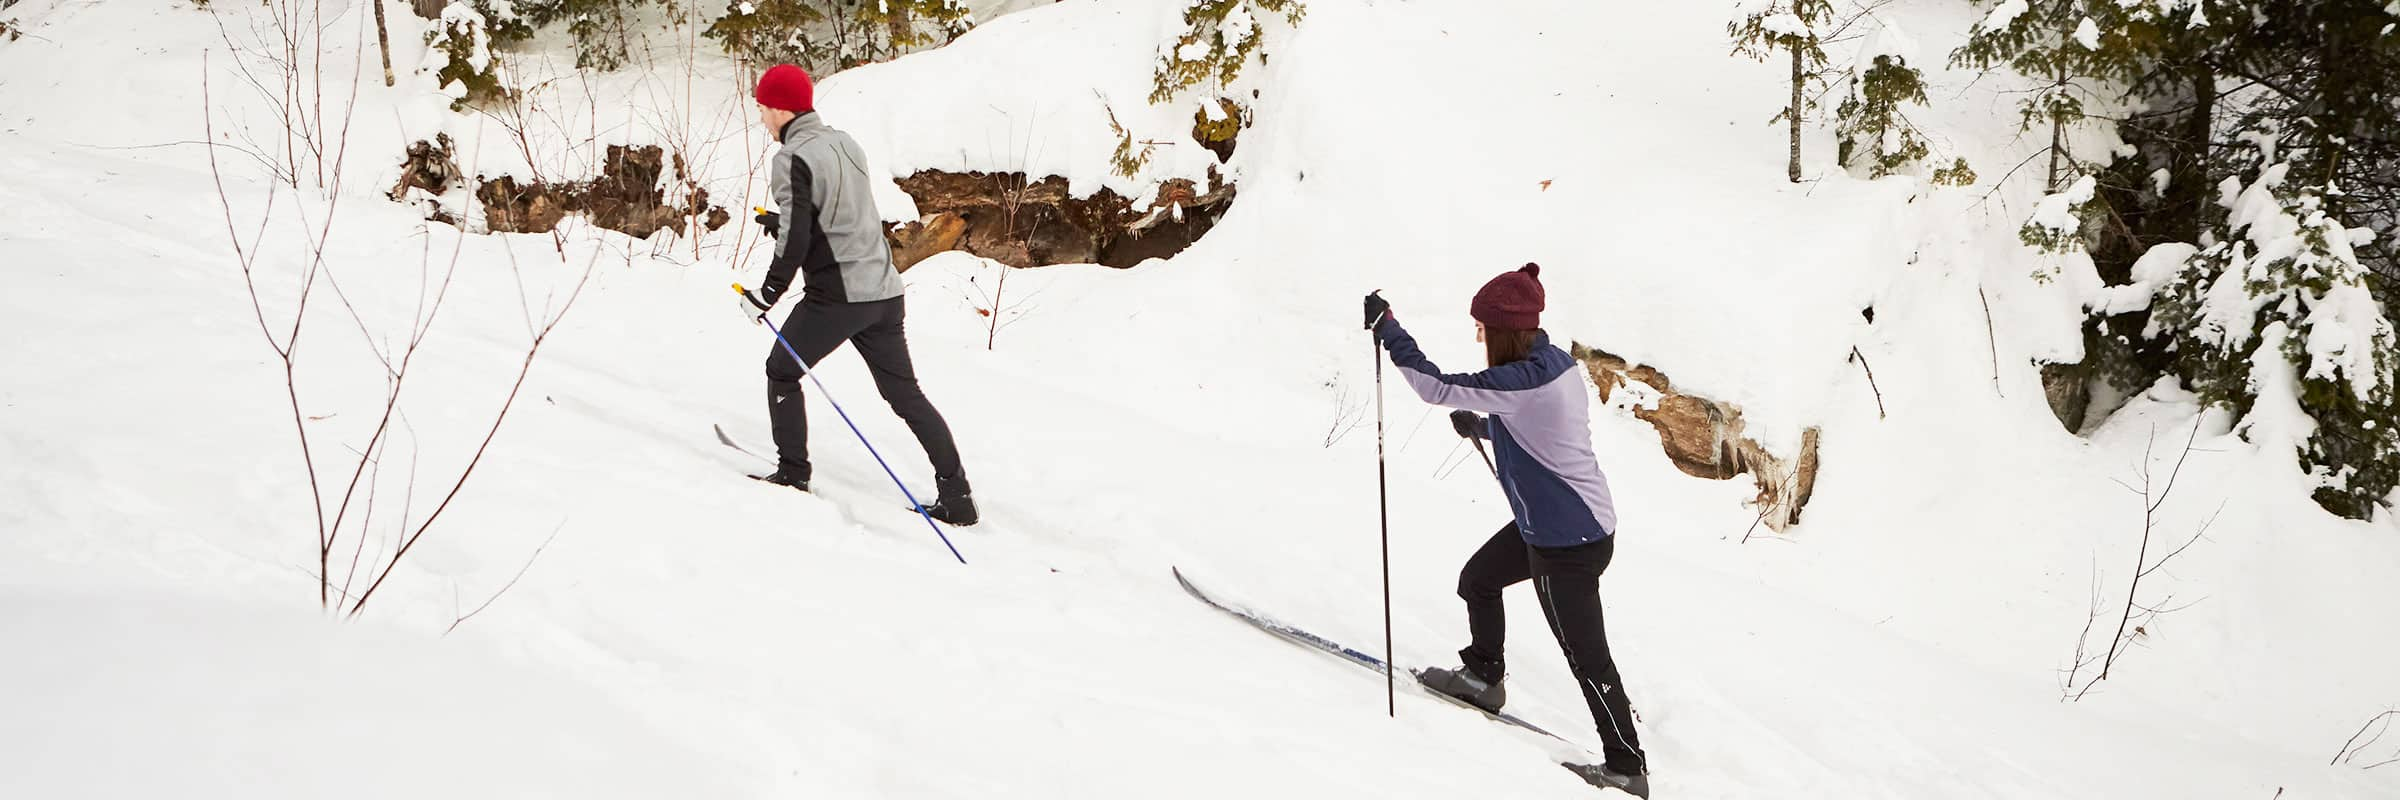 Hiver. Où faire du ski de fond au Québec en 2019